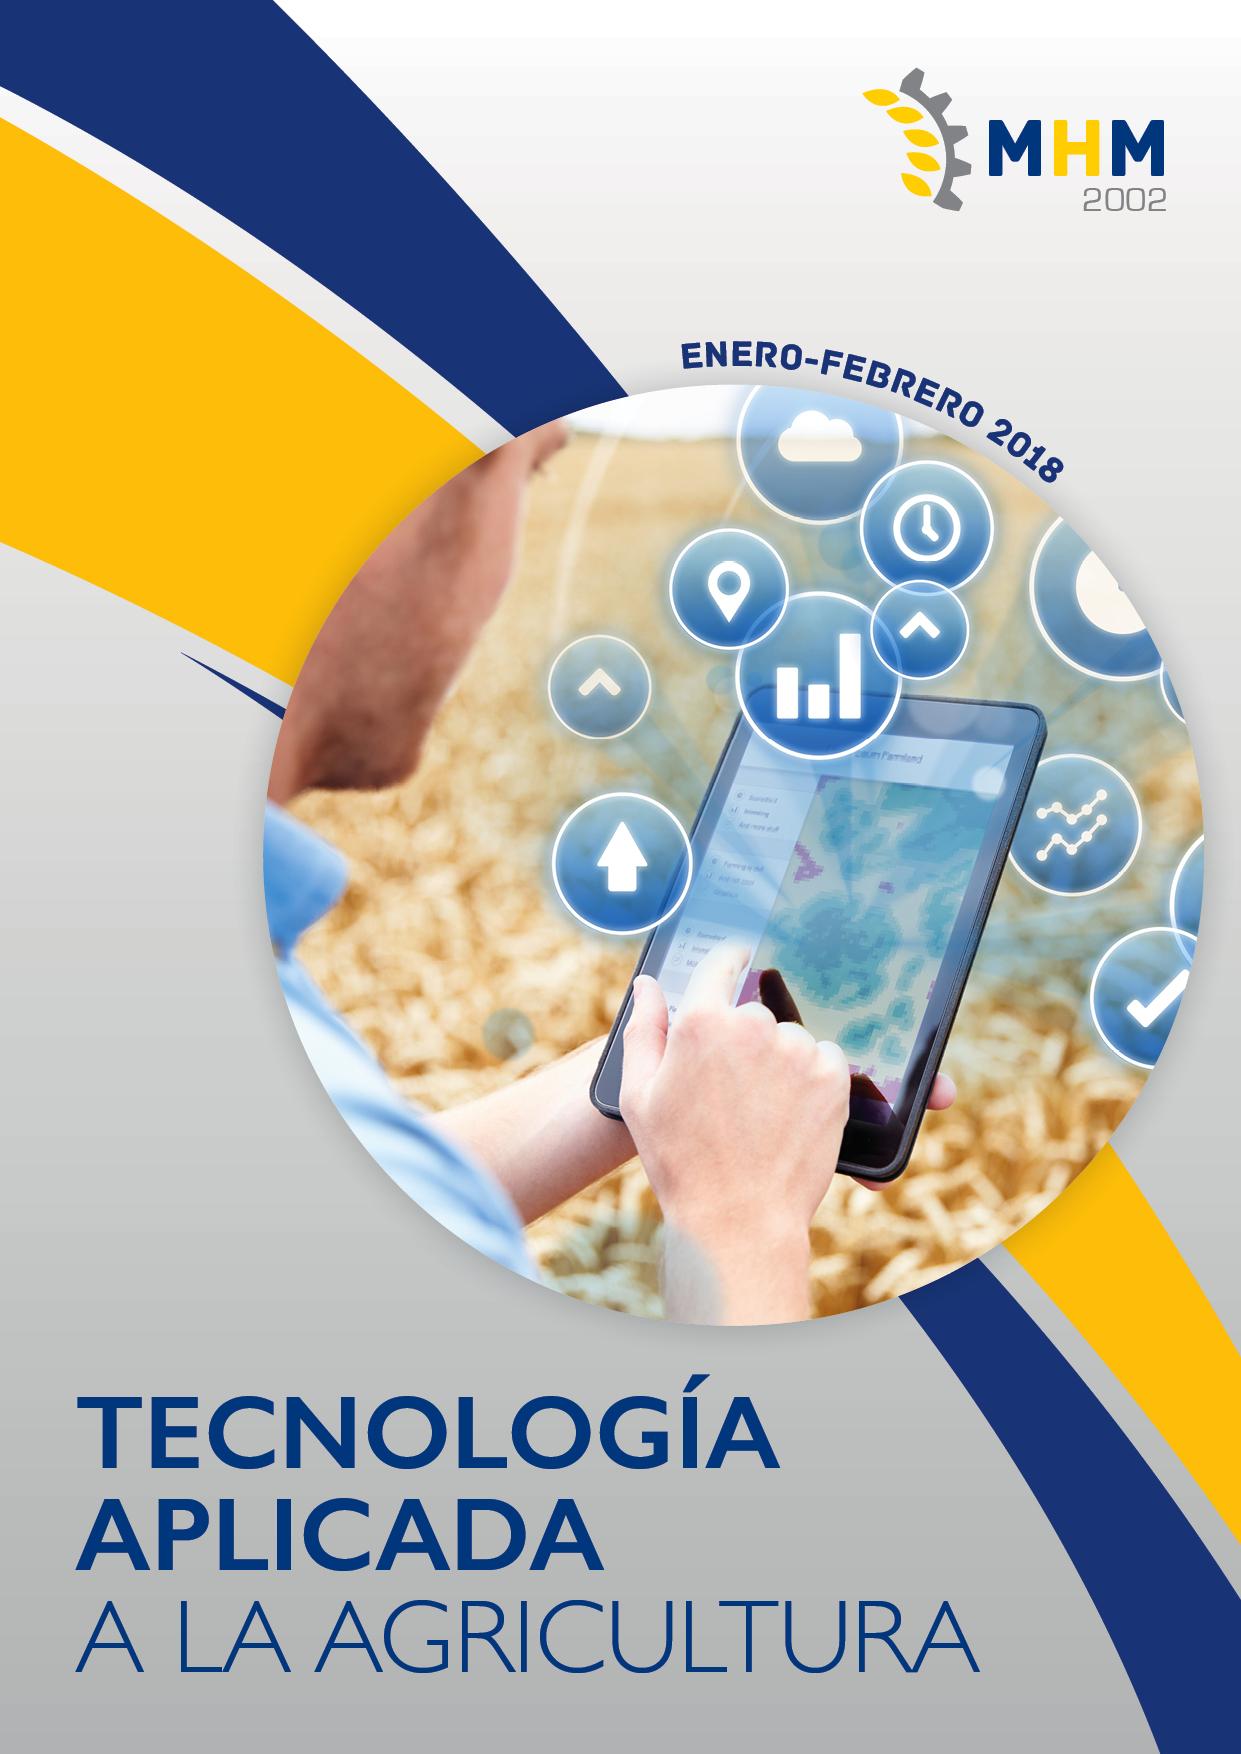 TECNOLOGÍA APLICADA A LA AGRICULTURA